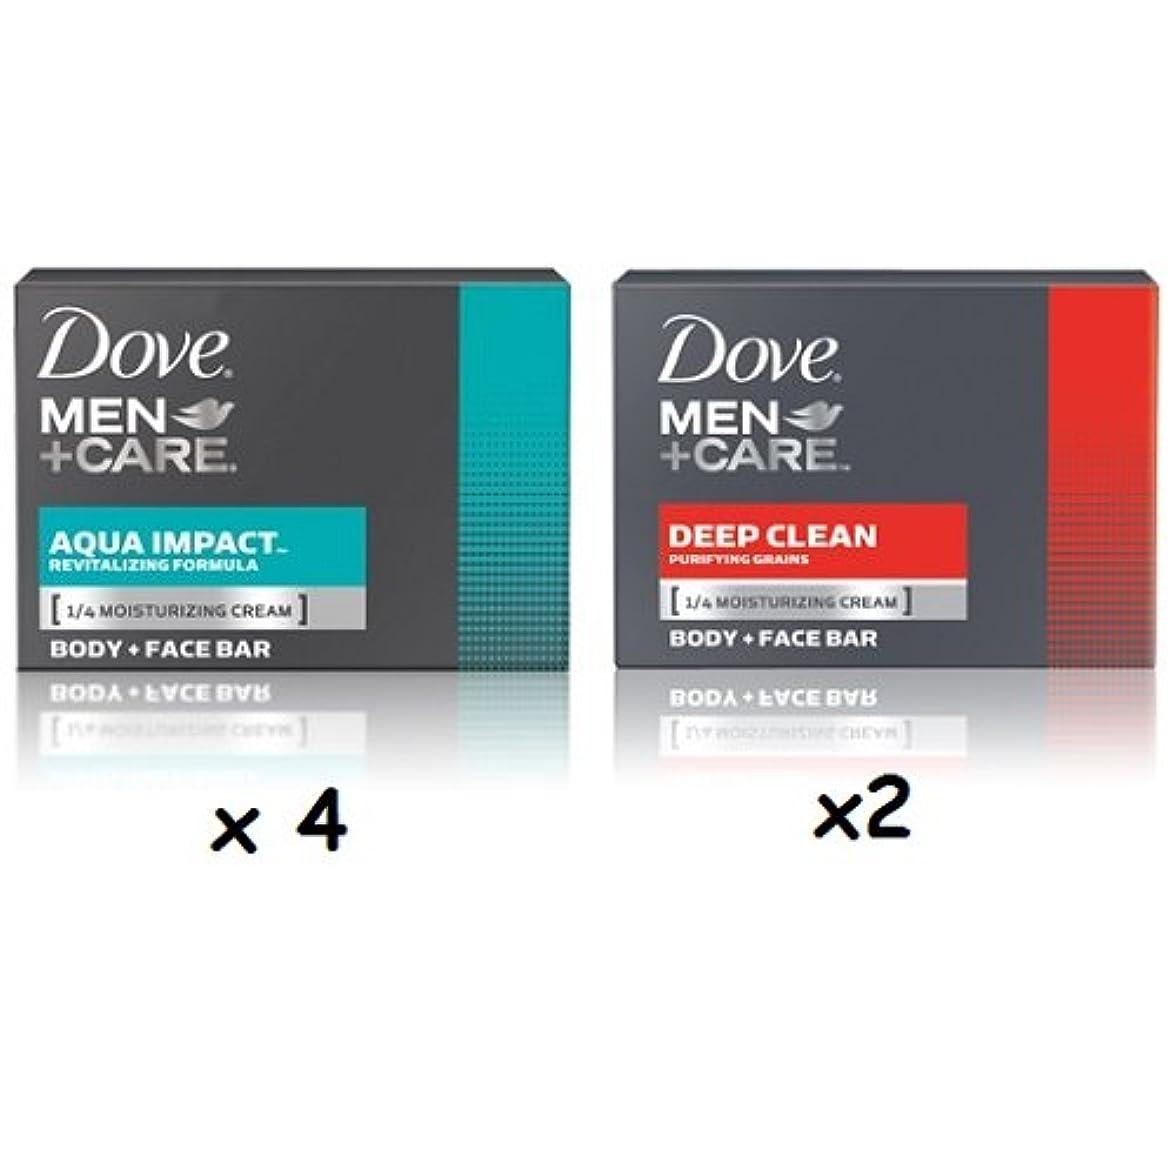 競合他社選手健康的シェル【6個セット】Dove MEN+CARE Body&Face Bar Soap (4ozx6) ダヴ メンズプラスケア 体&顔用の固形石鹸(113gx6)(Deep Clean 4個とAqua Impact2個 合計6個...